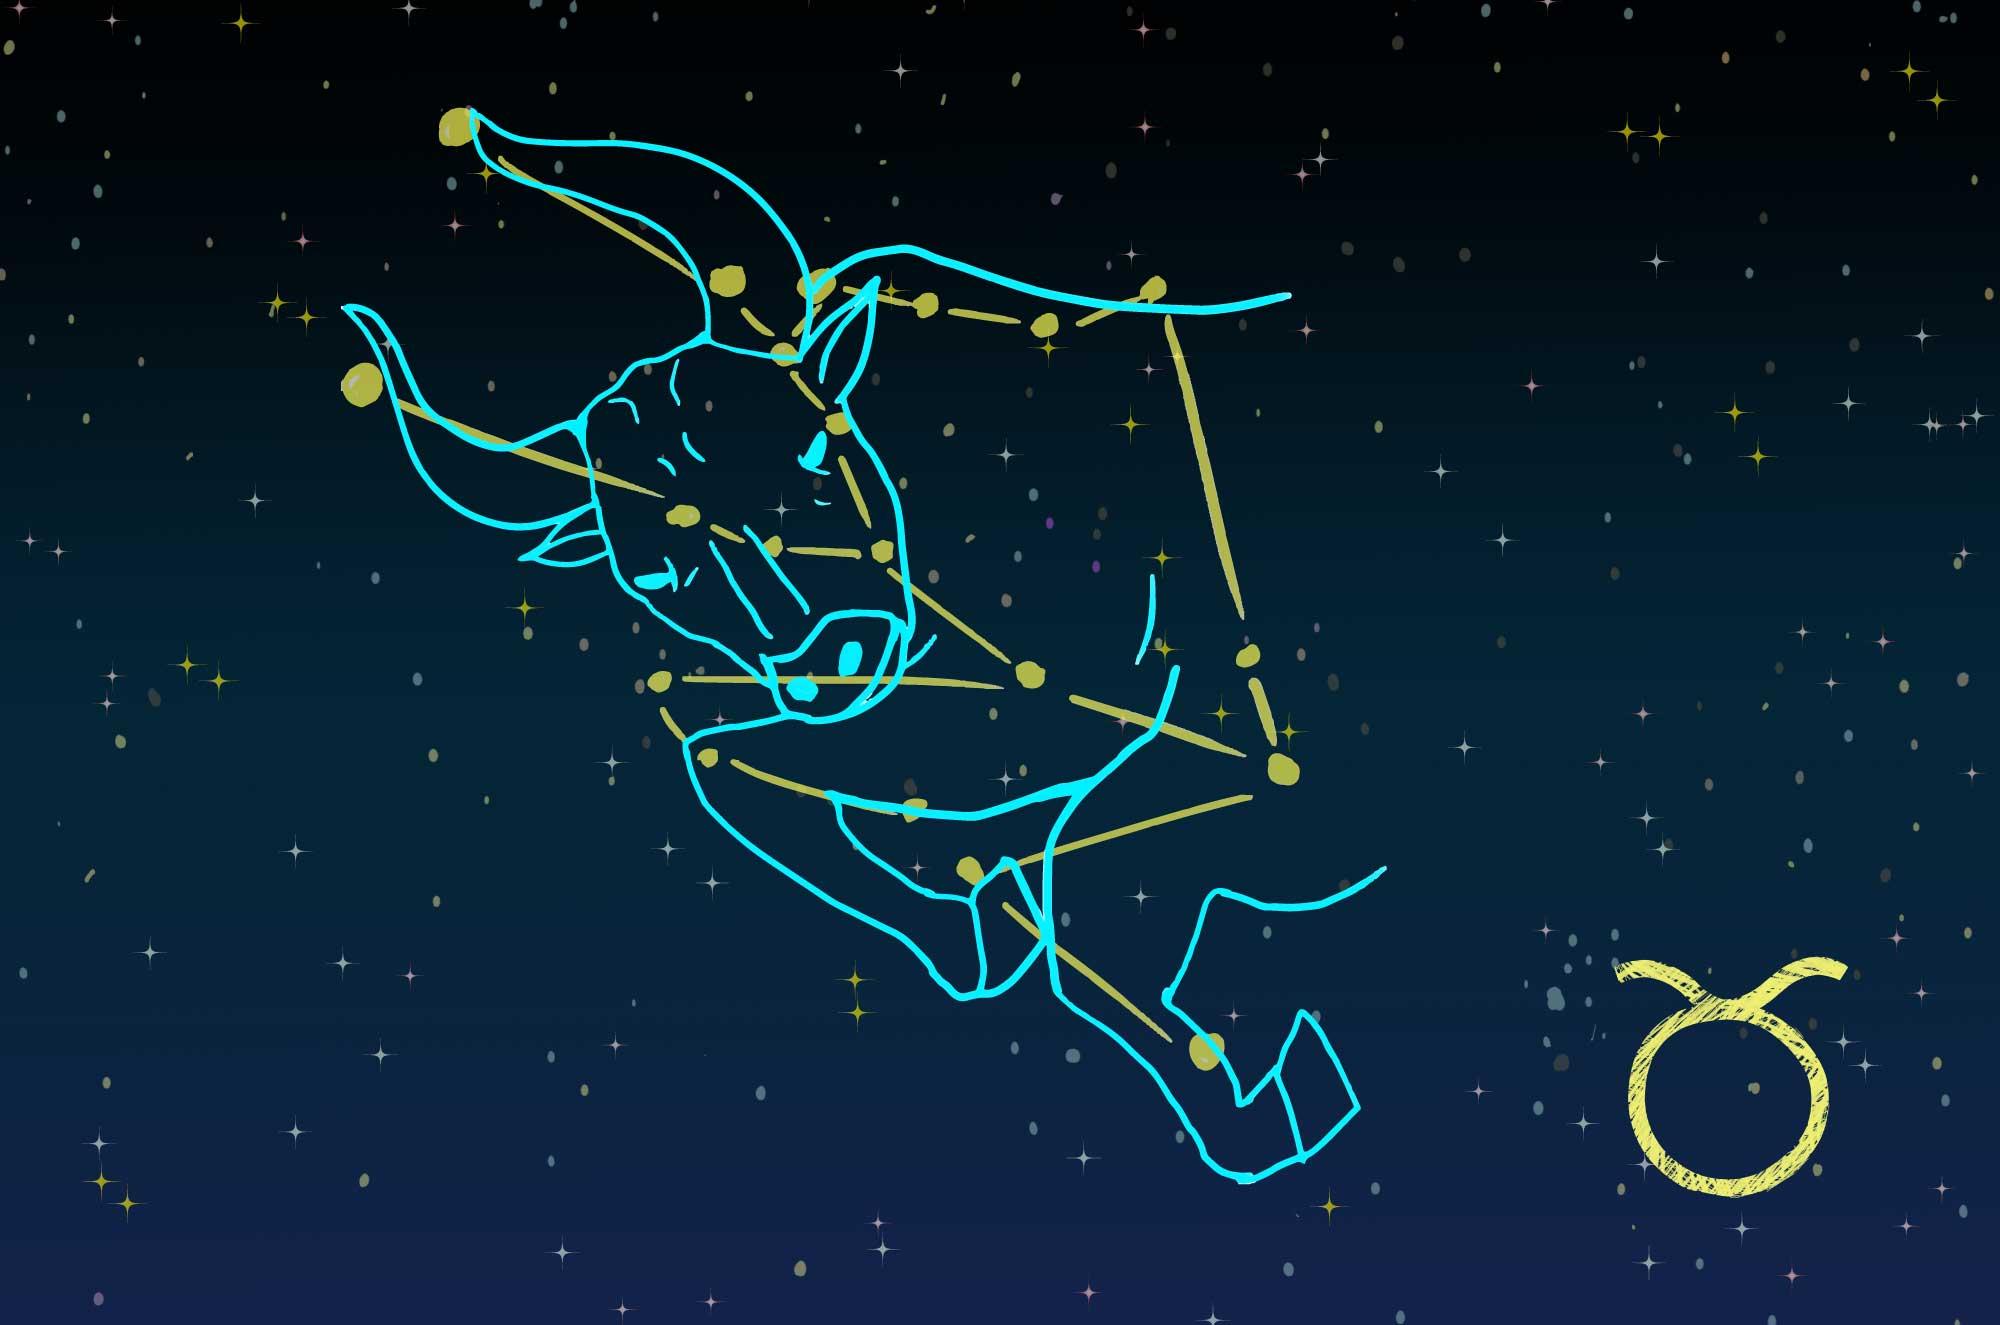 牡牛座のイラスト - 星座の線・星座カード無料素材